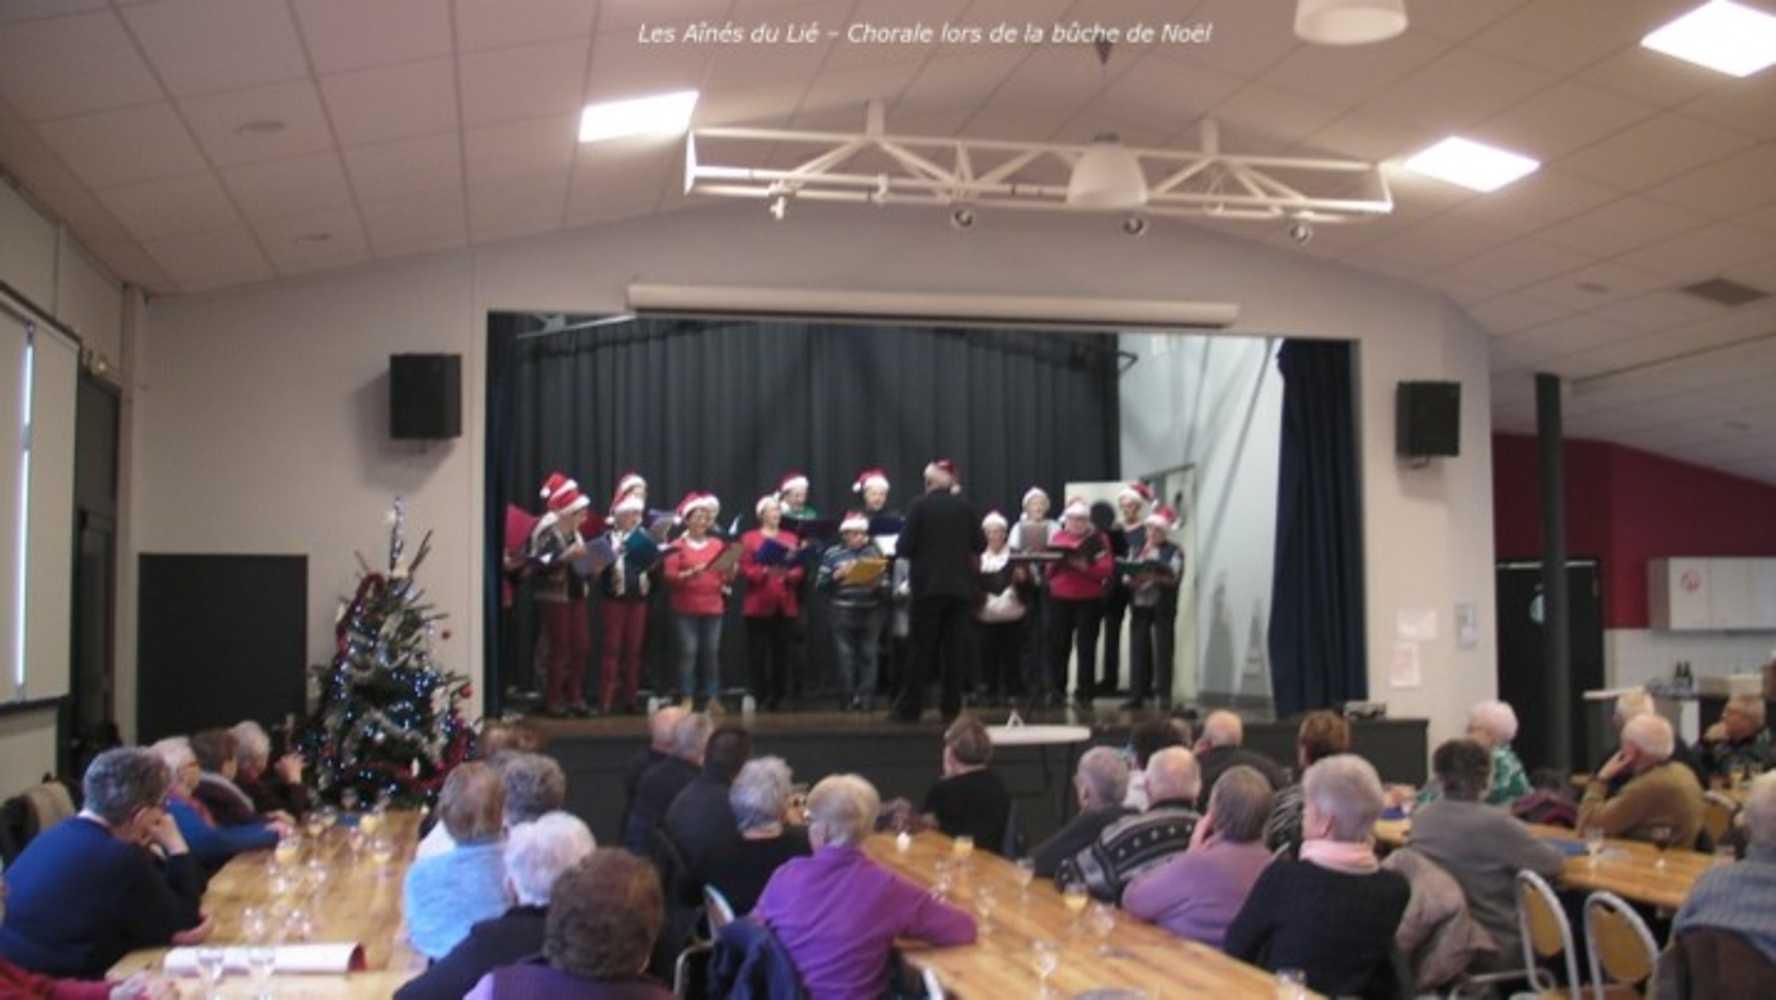 Photos de la chorale des Aînés du Lié à la bûche de Noël image4